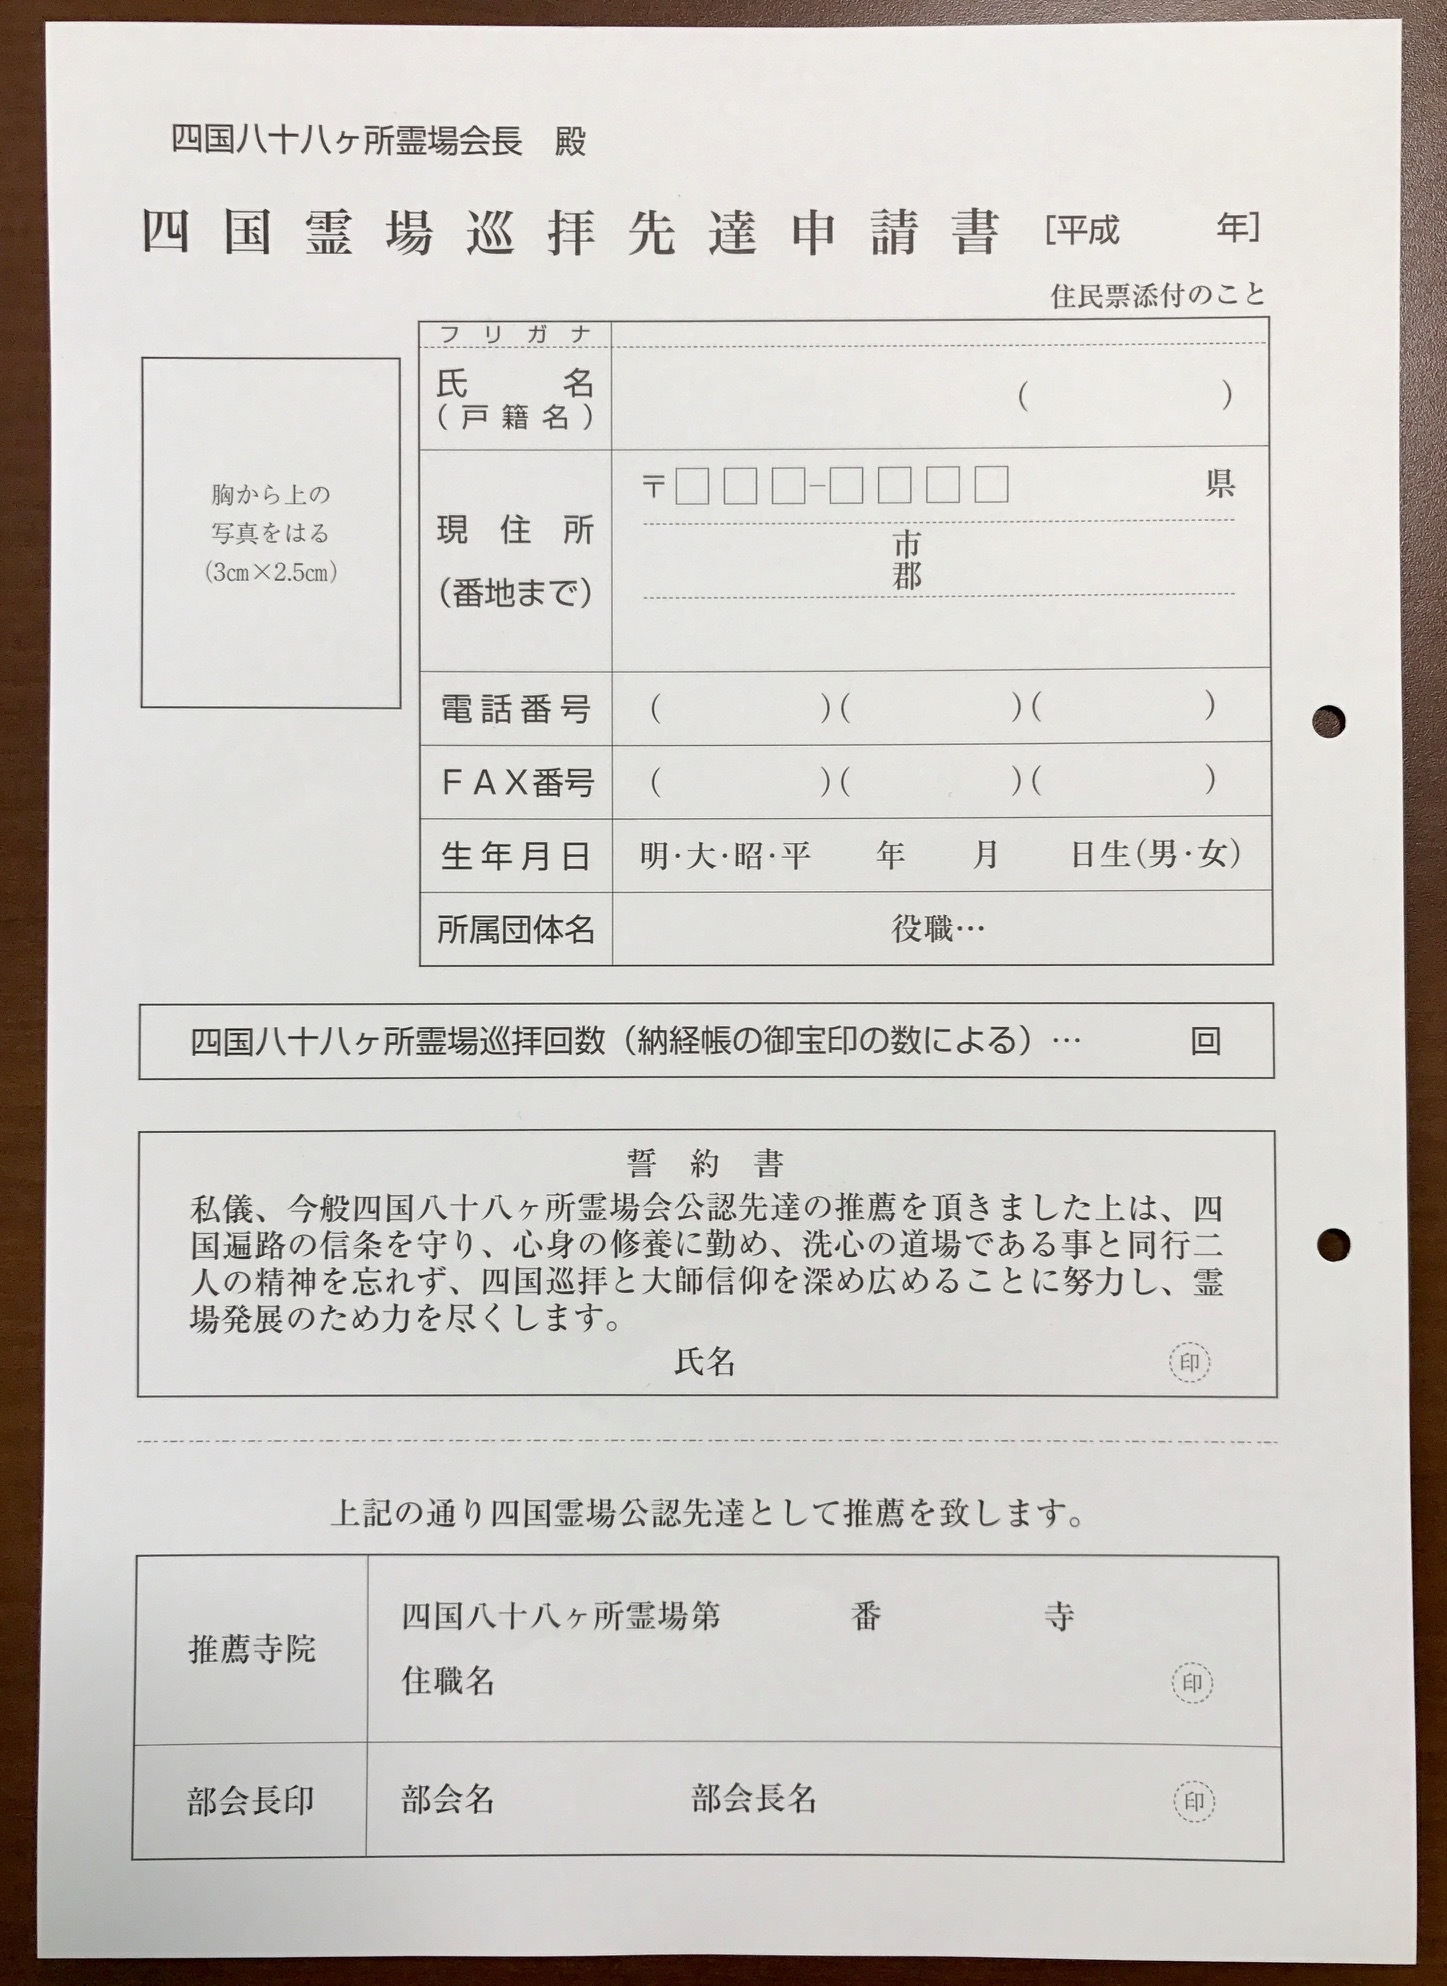 !cid_7C532D60-4FFB-4F5A-B06F-A3D63130CC5A.jpg